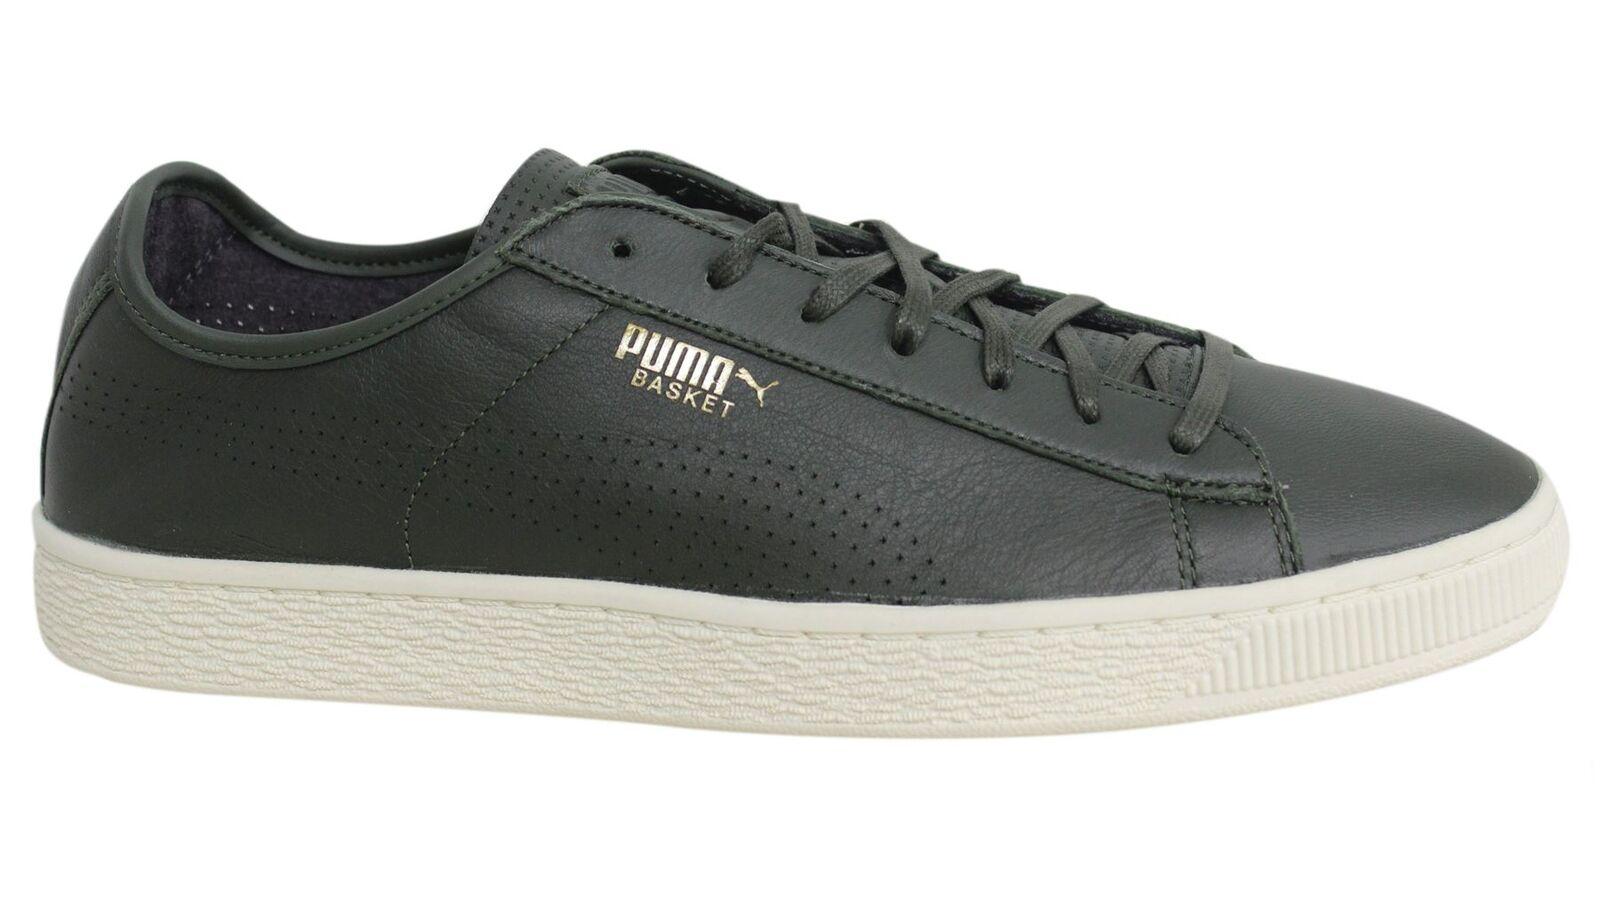 Puma Basket Classic Morbido in pelle con Lacci Scarpe sportive uomo 363824 03